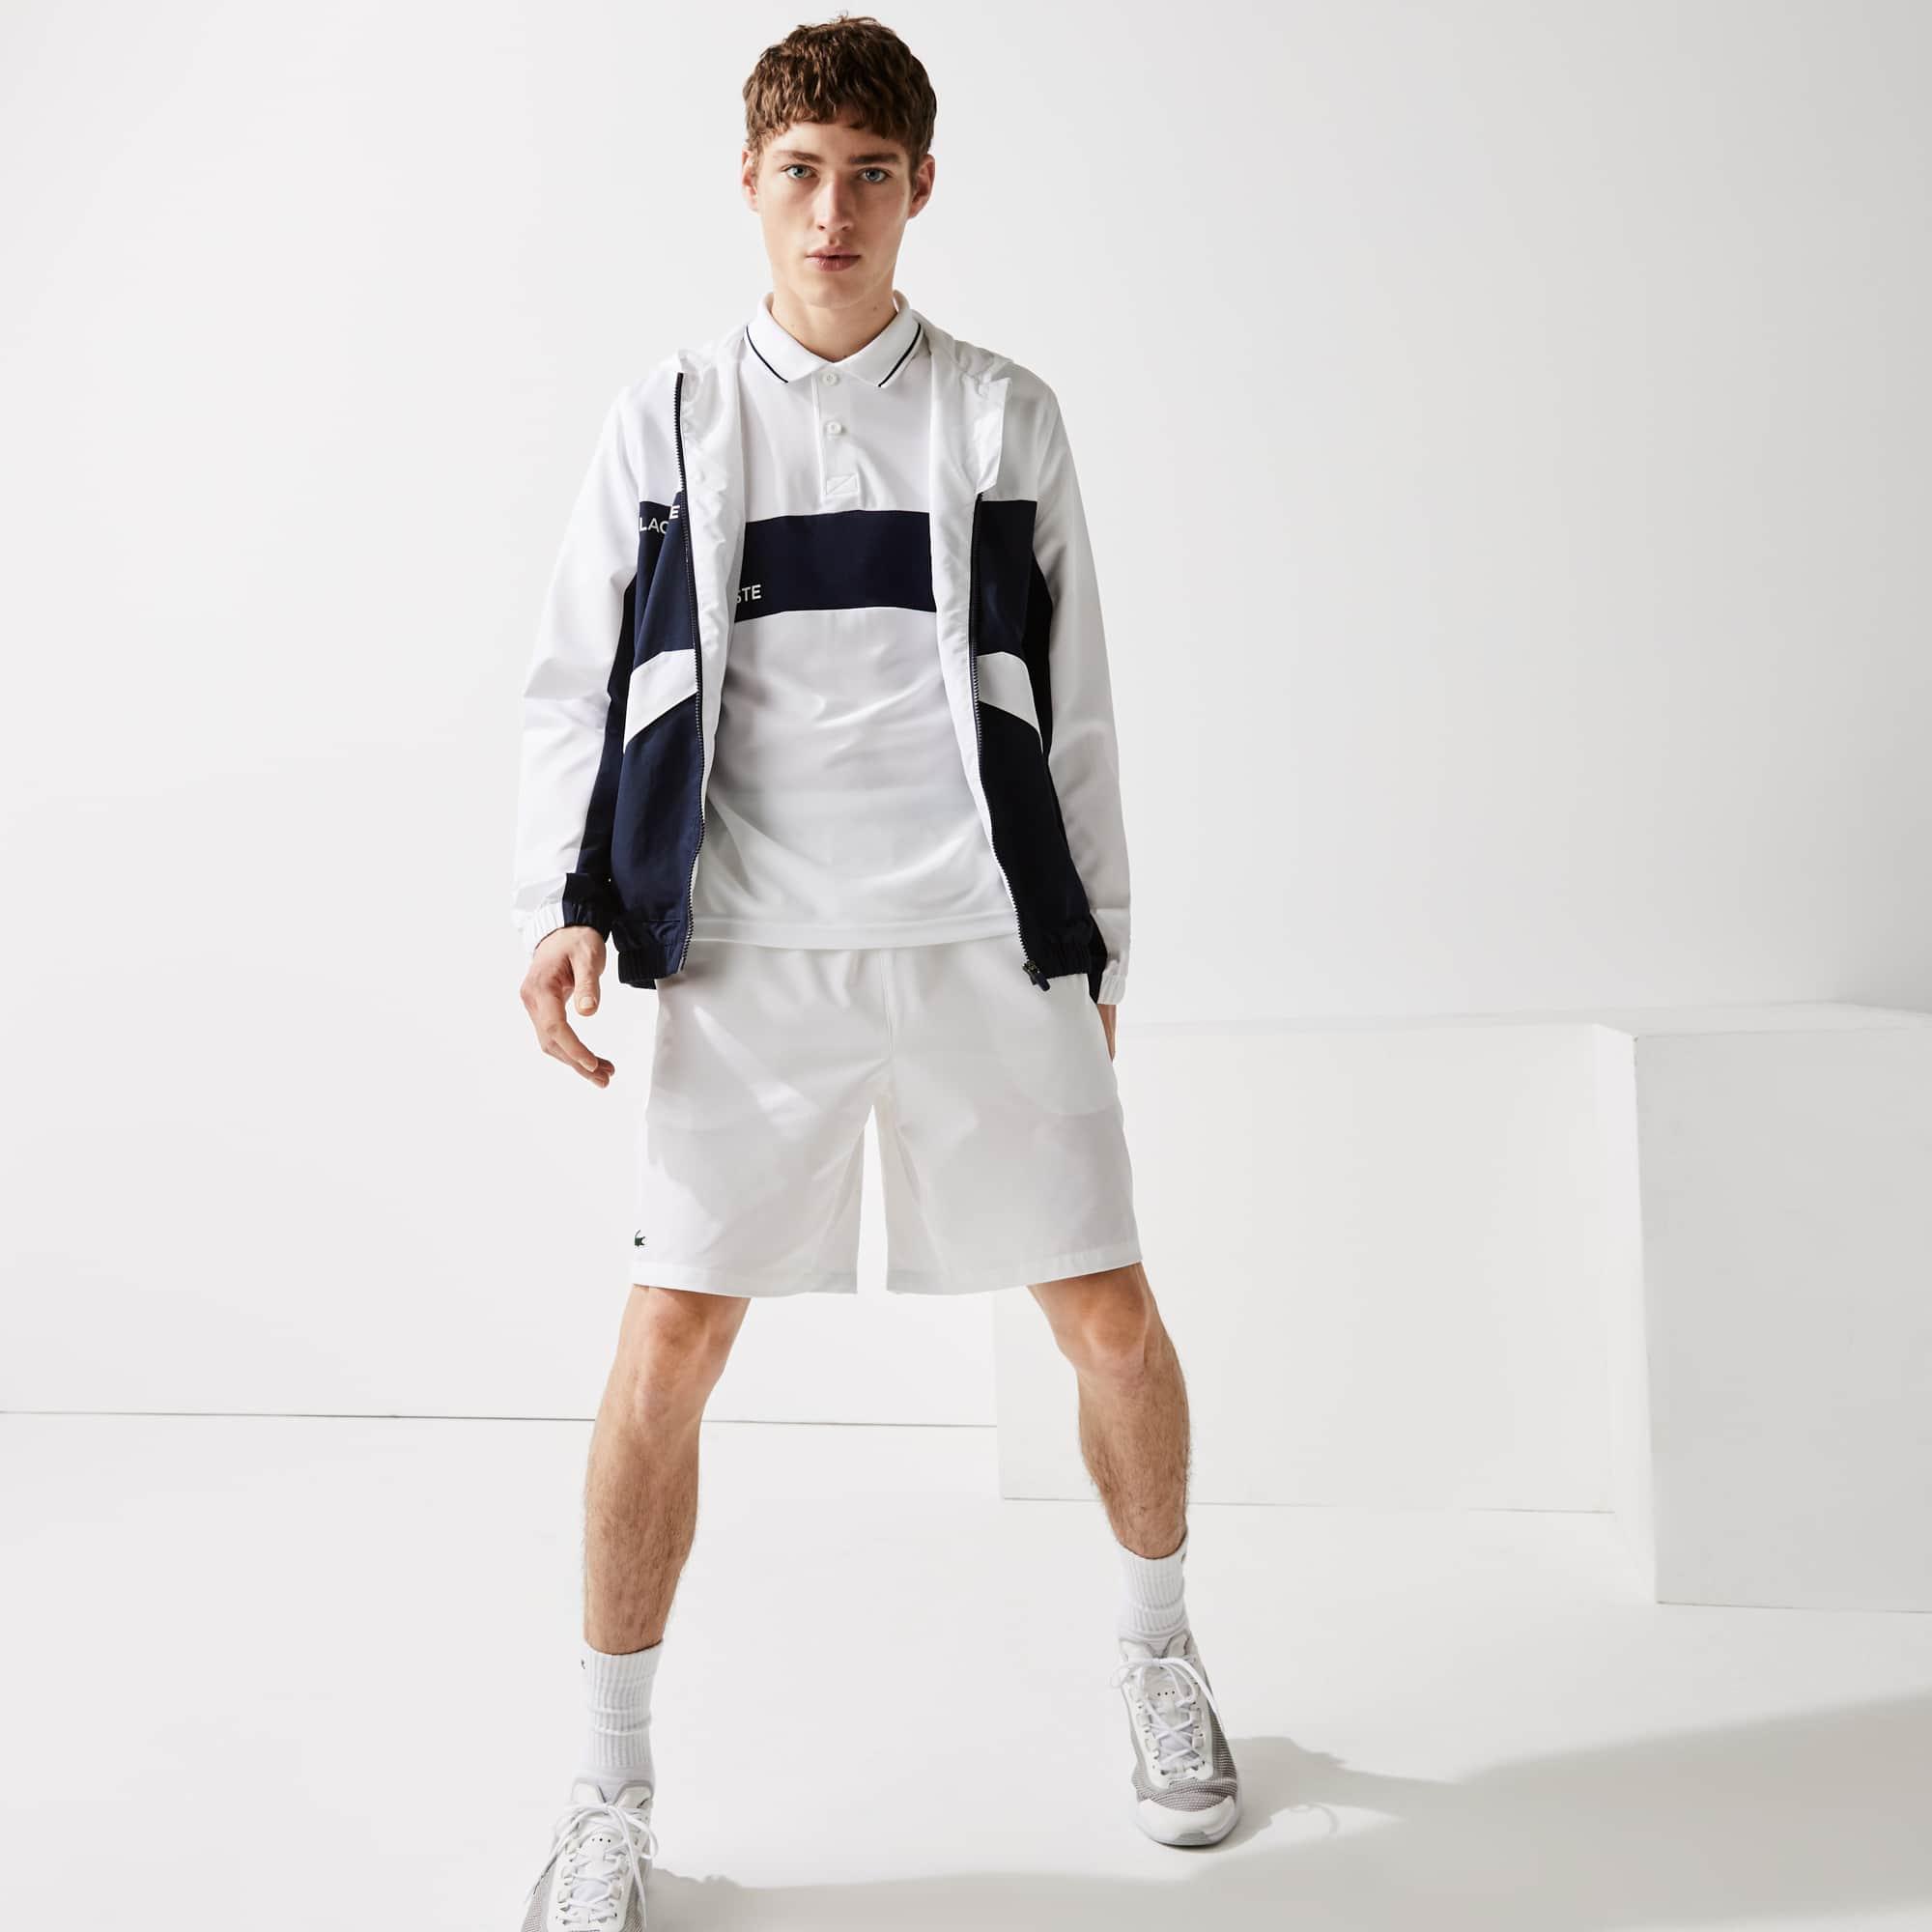 Herren-Shorts mit Stretch LACOSTE SPORT TENNIS